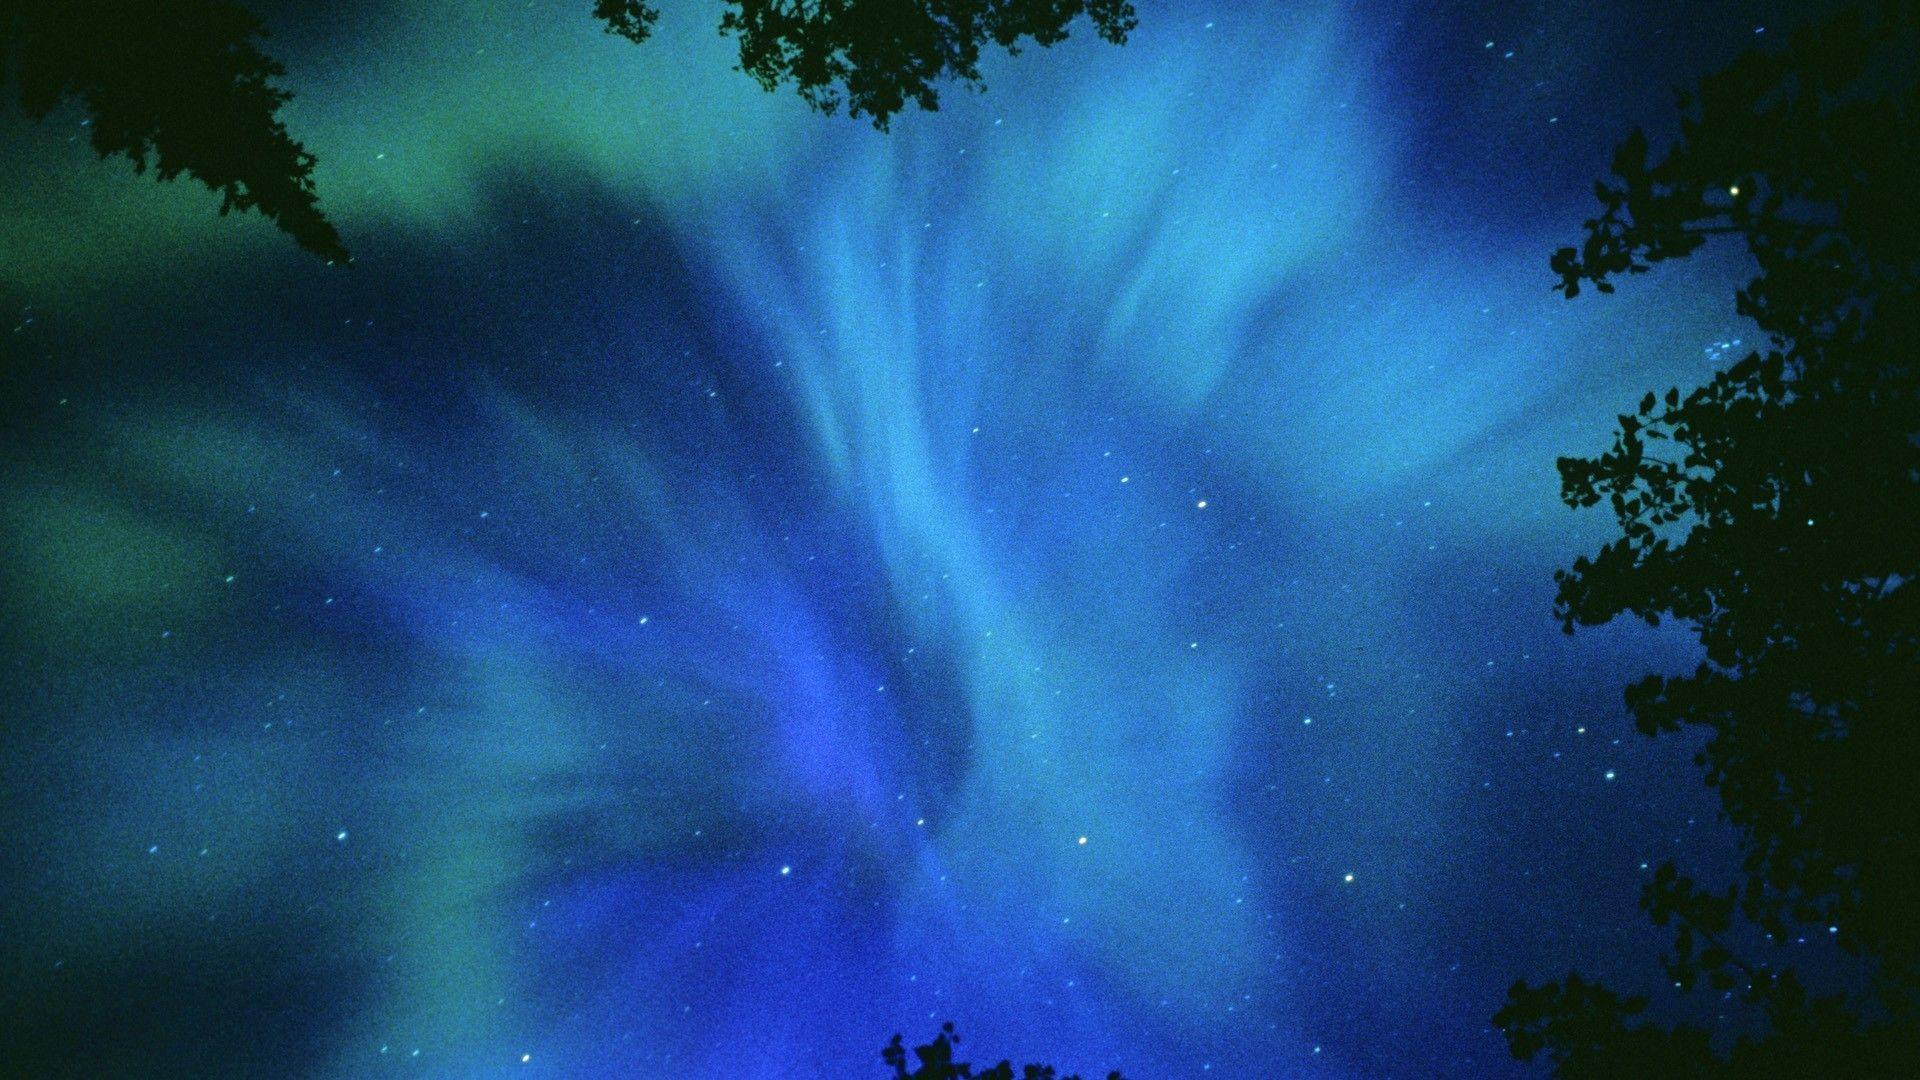 borealis alaska aura hd - photo #36